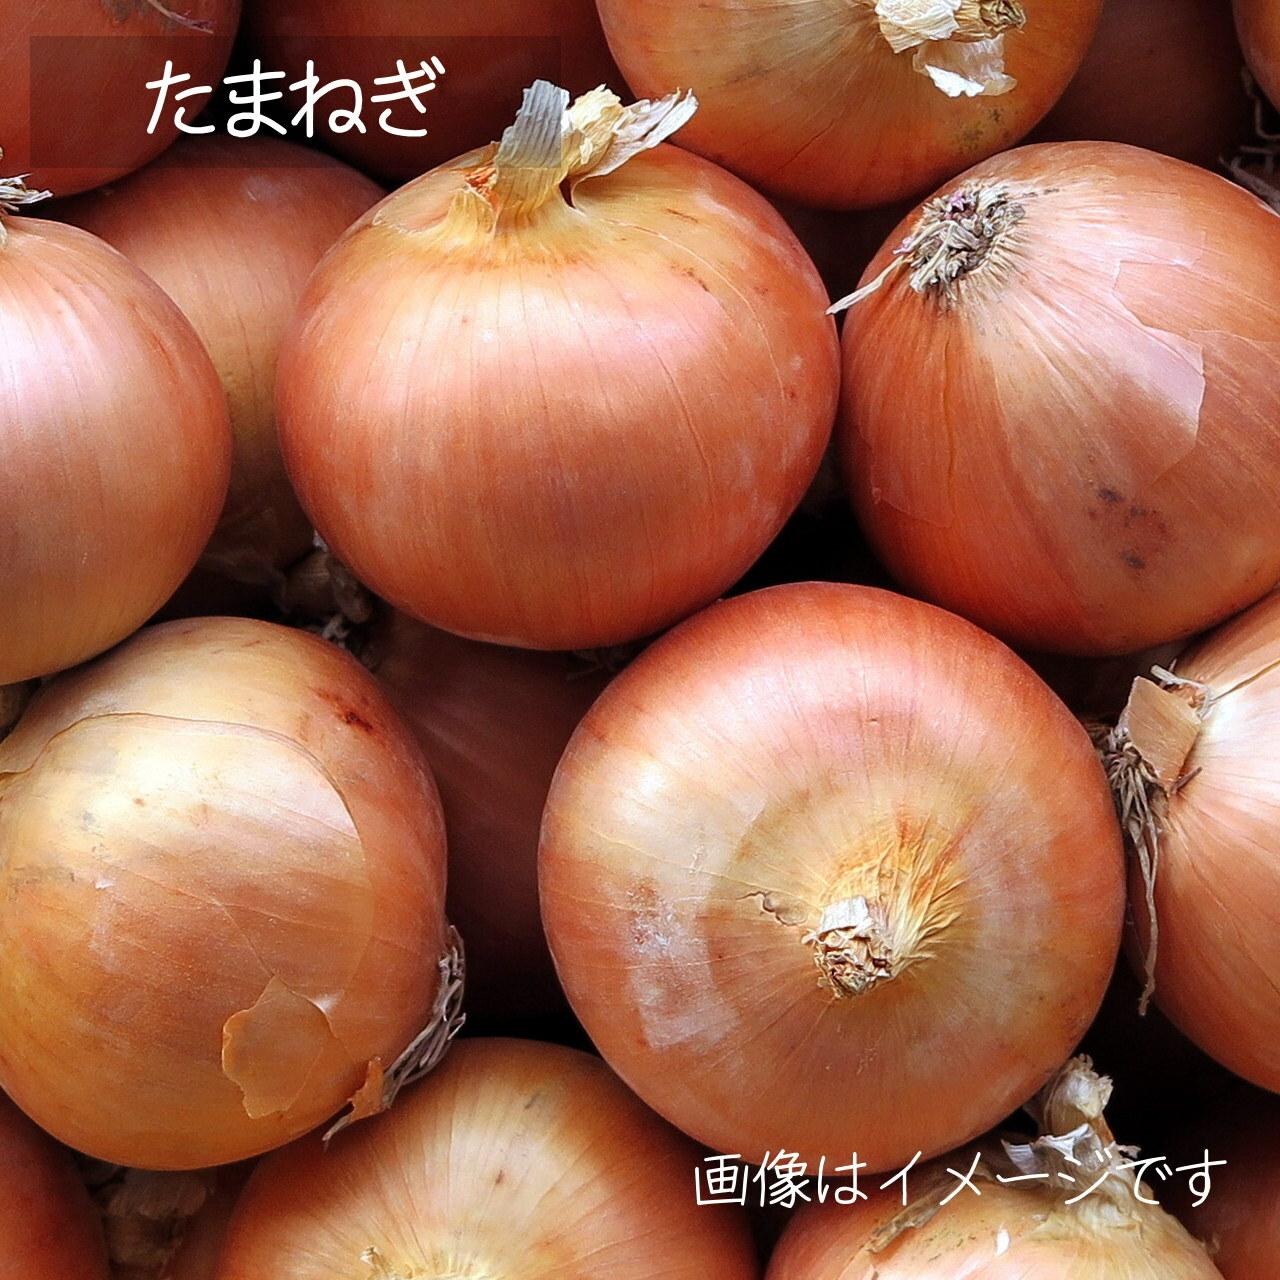 8月の朝採り直売野菜 : たまねぎ 約3~4個 新鮮な夏野菜 8月22日発送予定